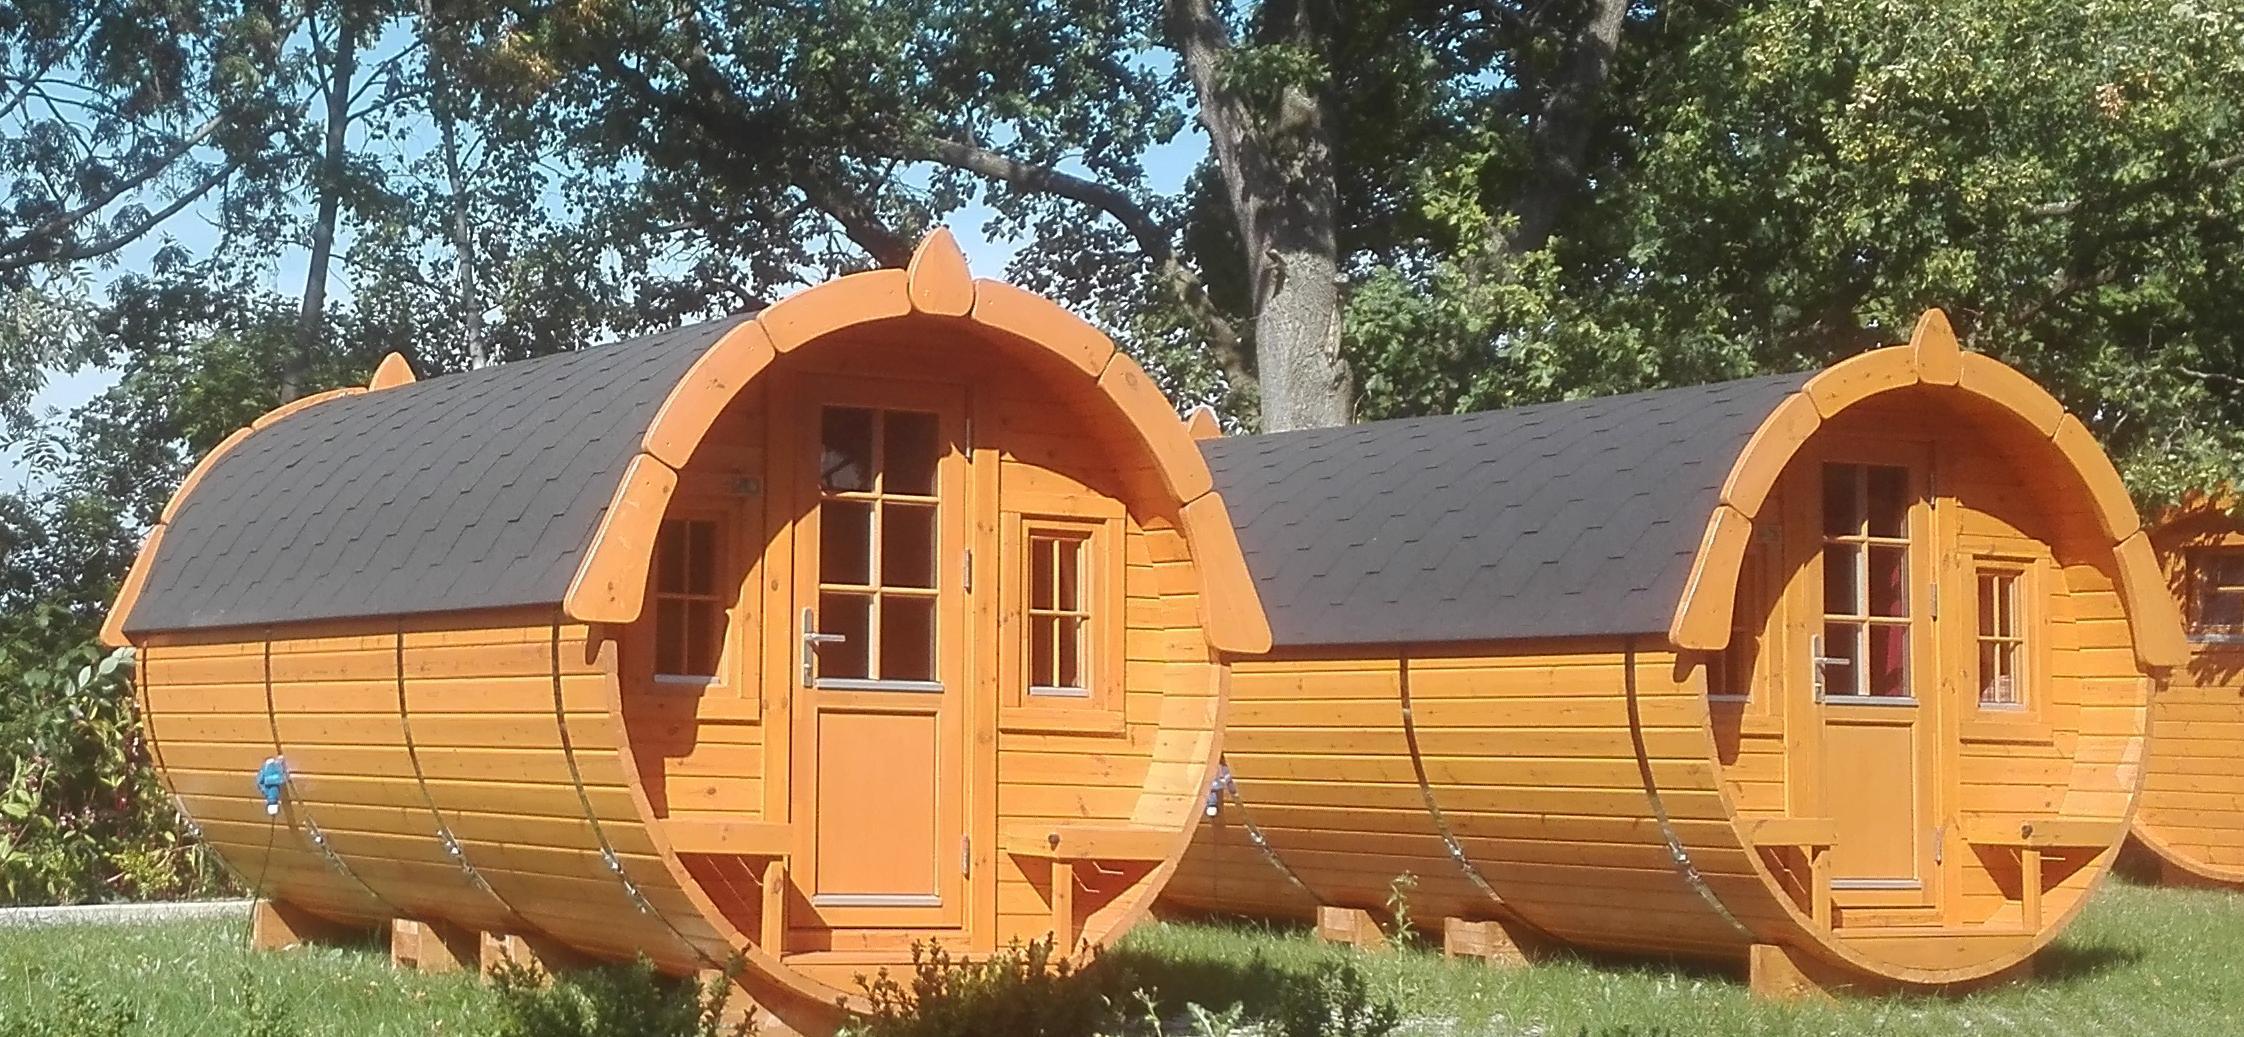 Location - Schlaffass Von Finkotte - Campingplatz Platzermühle